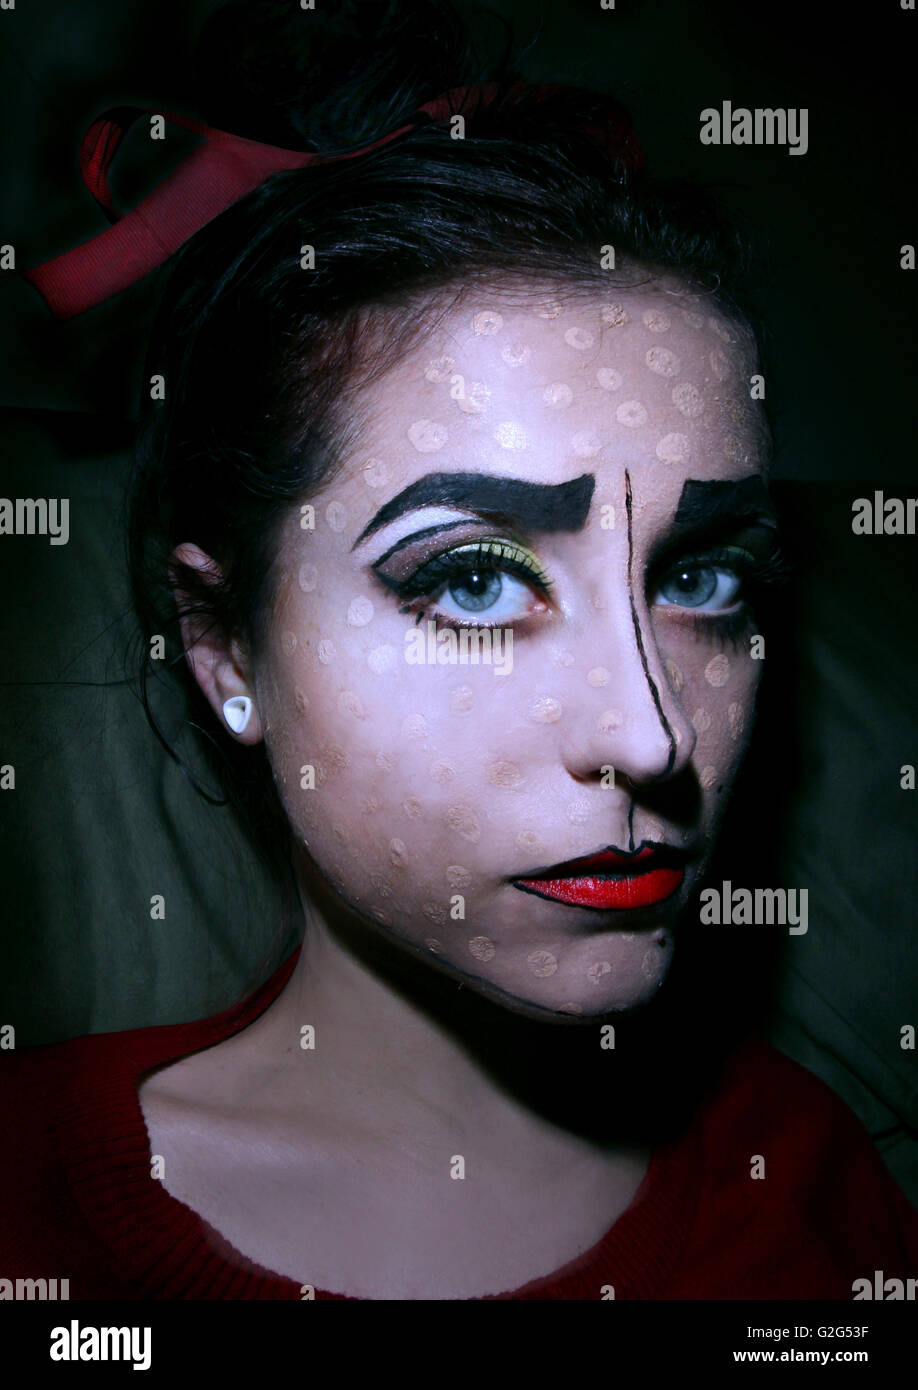 Donna con dipinti faccia Clown-Like Foto Stock